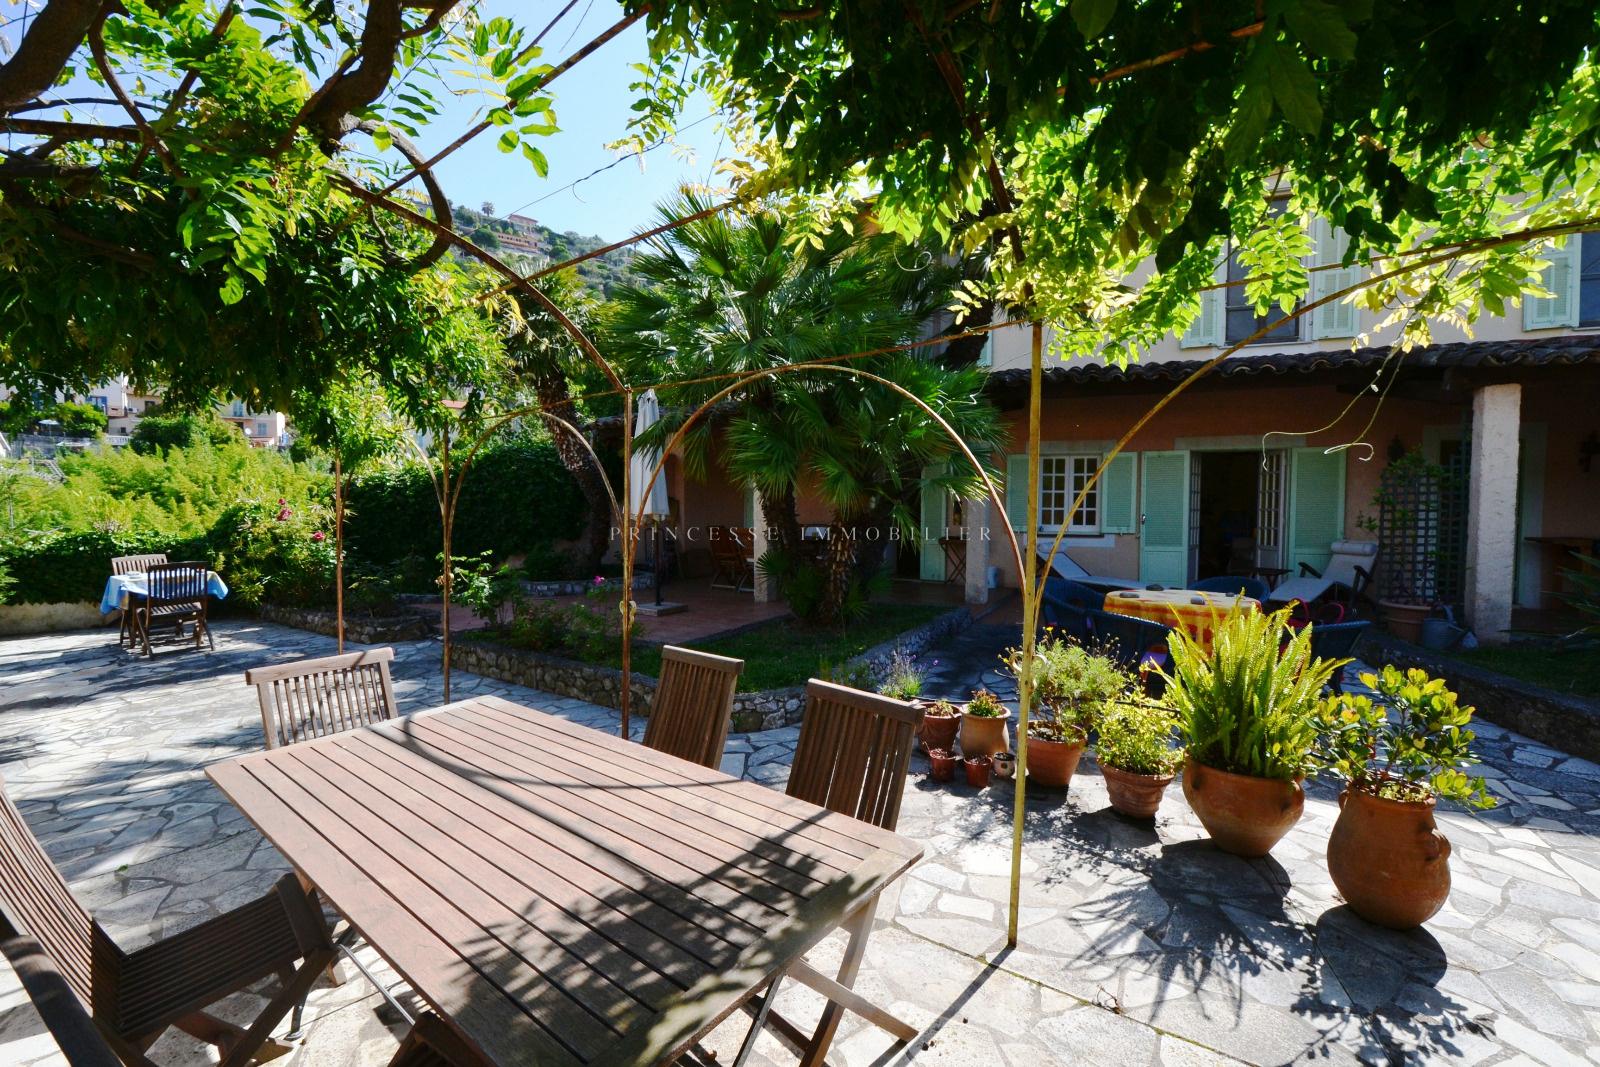 Vente villa menton avec princesse immobilier for Acheter maison menton